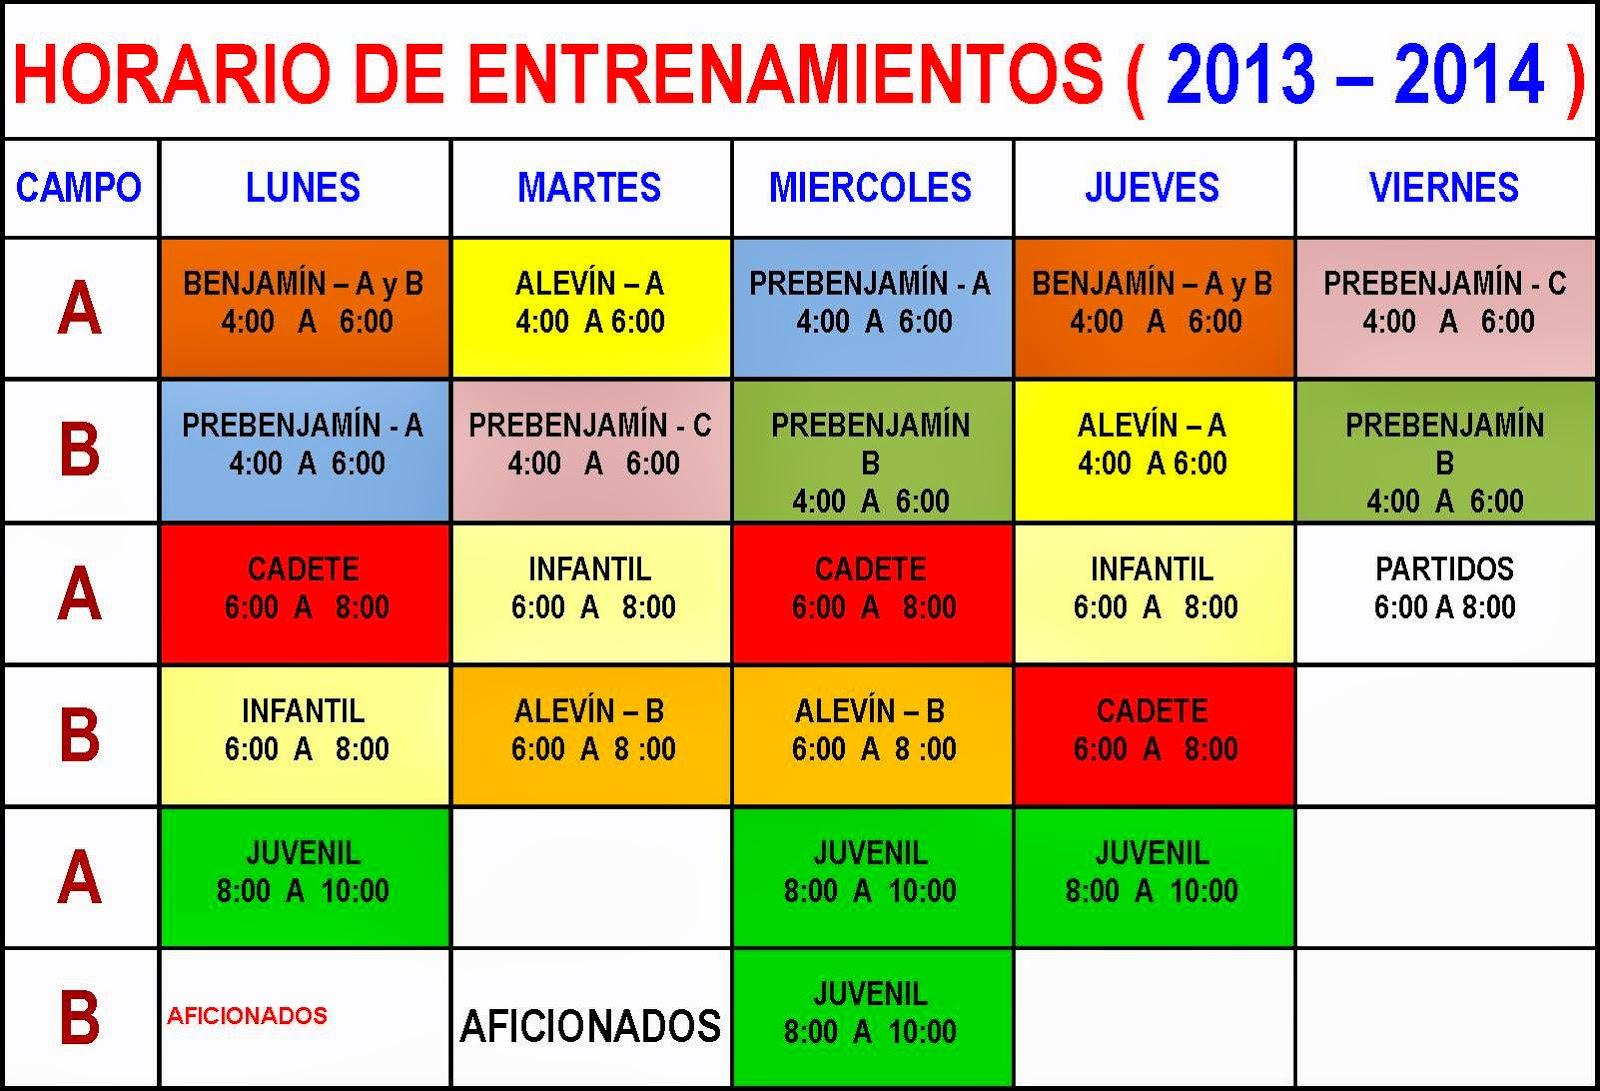 Cdfb Bonares Horario De Entrenamientos Semanal De Cada Equipo